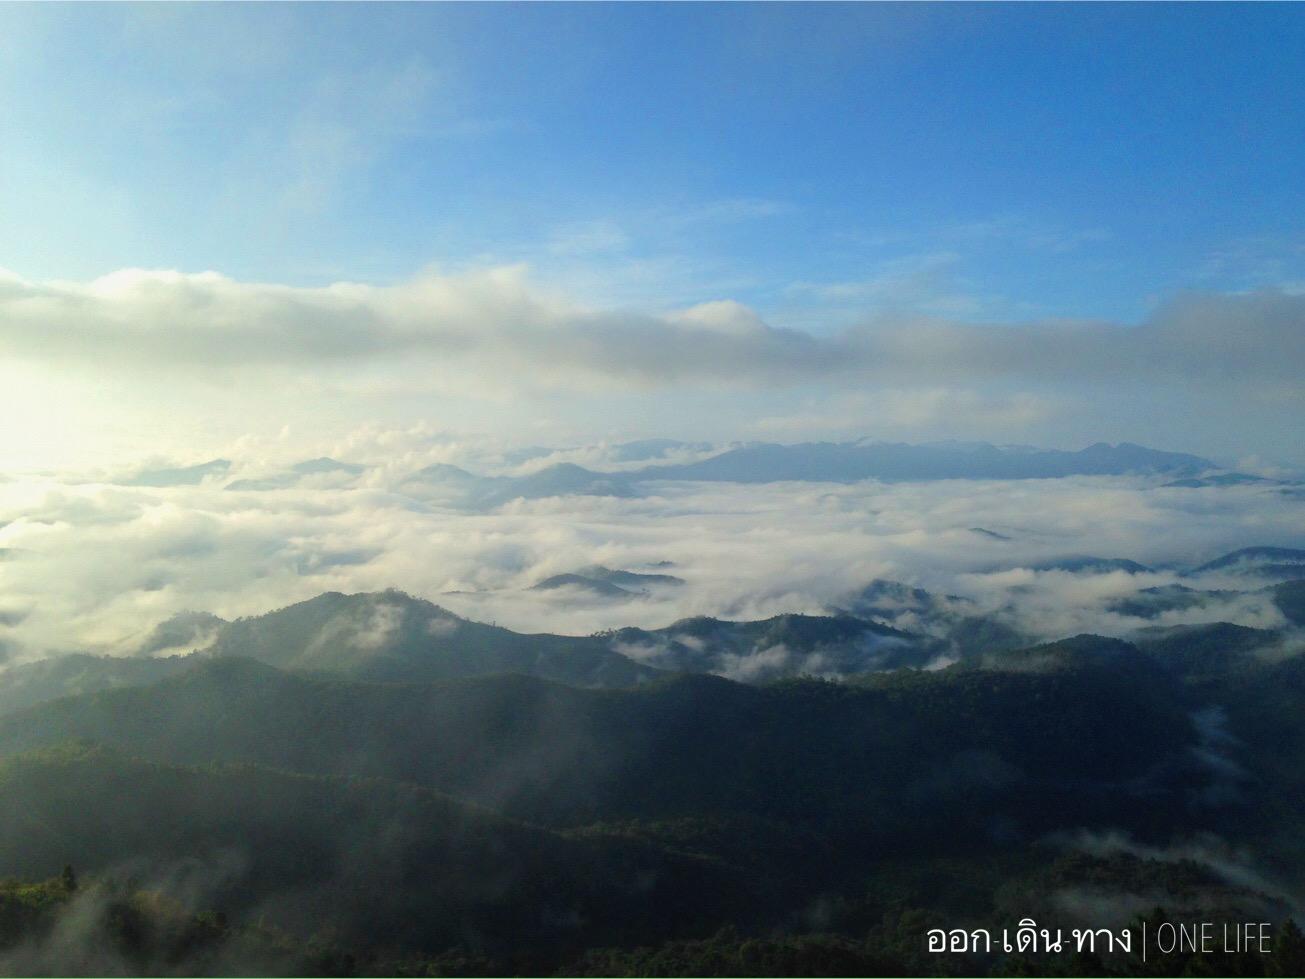 ภูชี้เพ้อ ในวันหลังฝนตกเมื่อวาน วันนี้ฟ้าครื้ม เมฆค่อนข้างเยอะ หมอกฟุ้งกระจายตัว